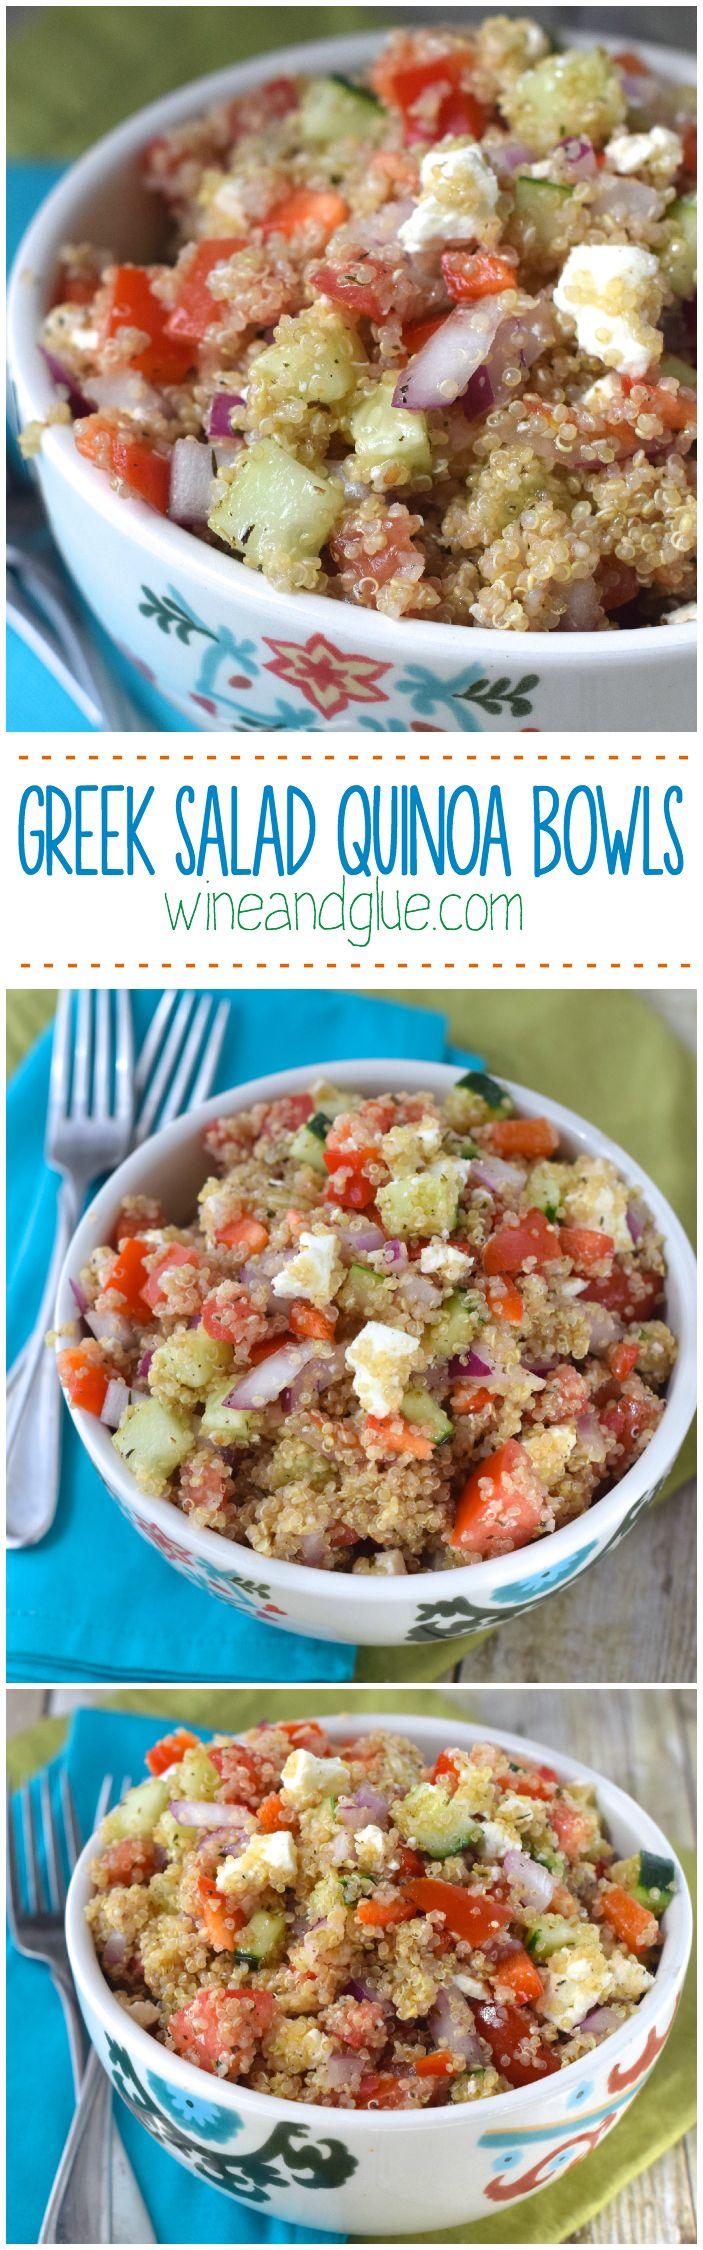 Greek Salad Quinoa Bowls |